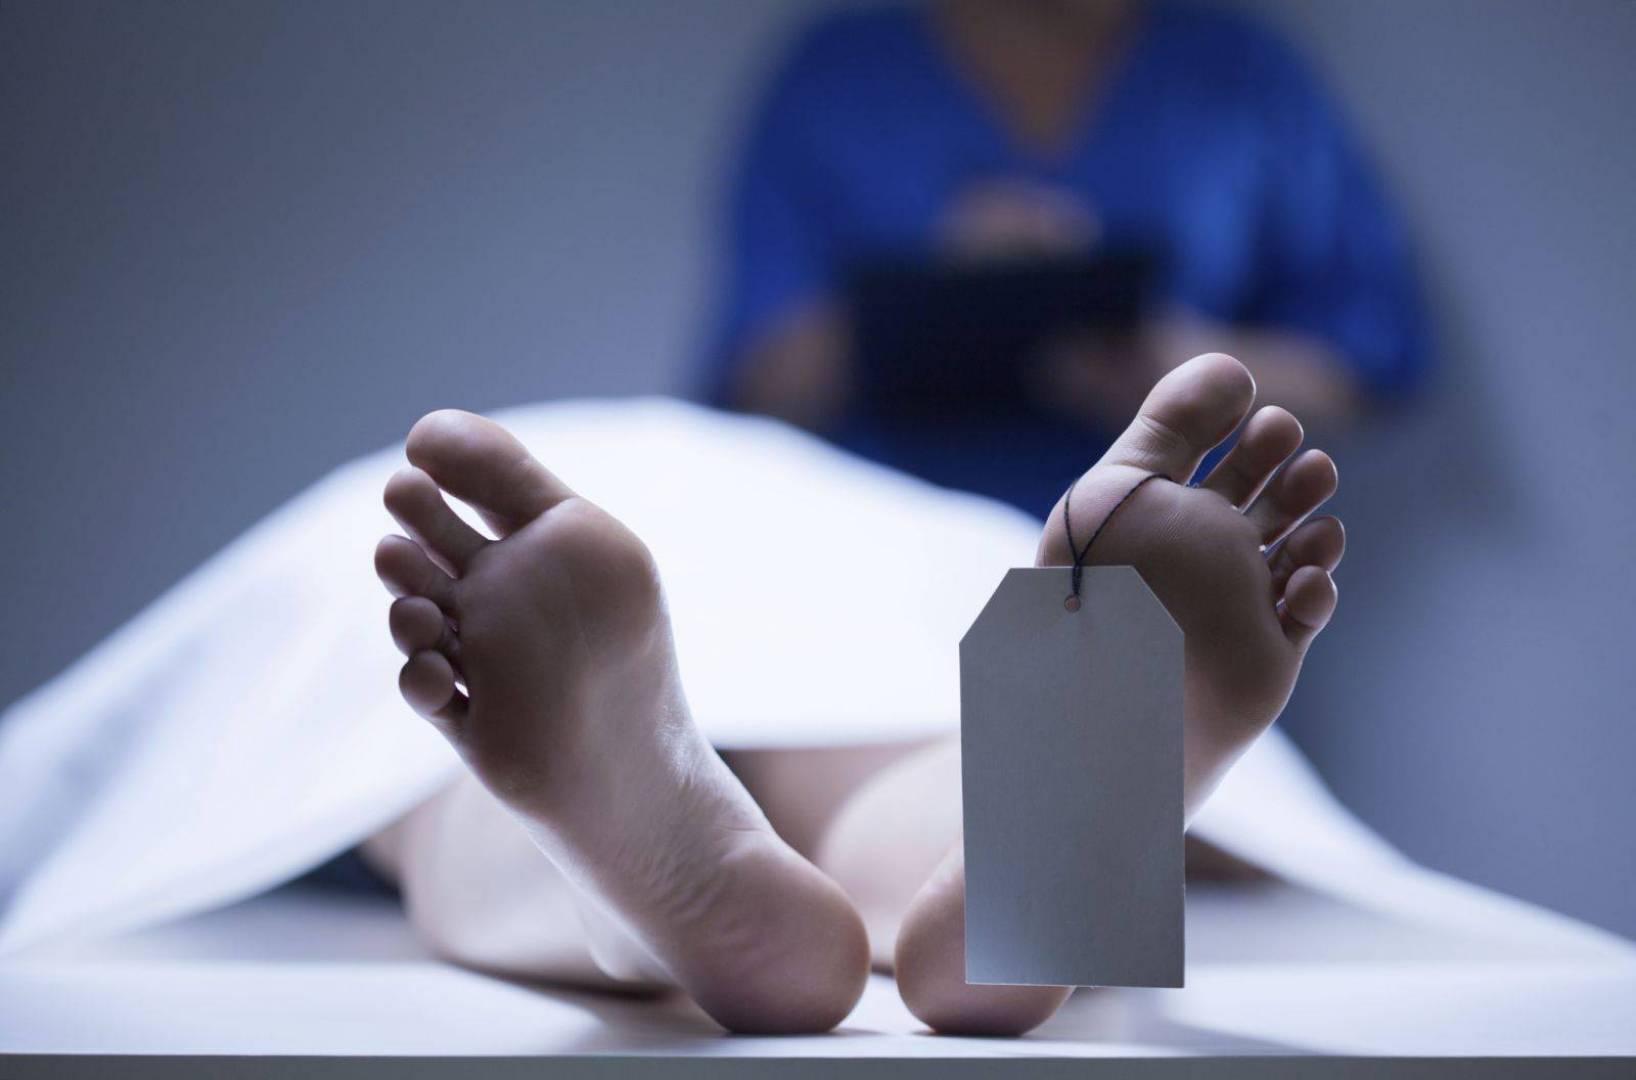 بیش از ۳۷۰ هزار قربانی کرونا در جهان